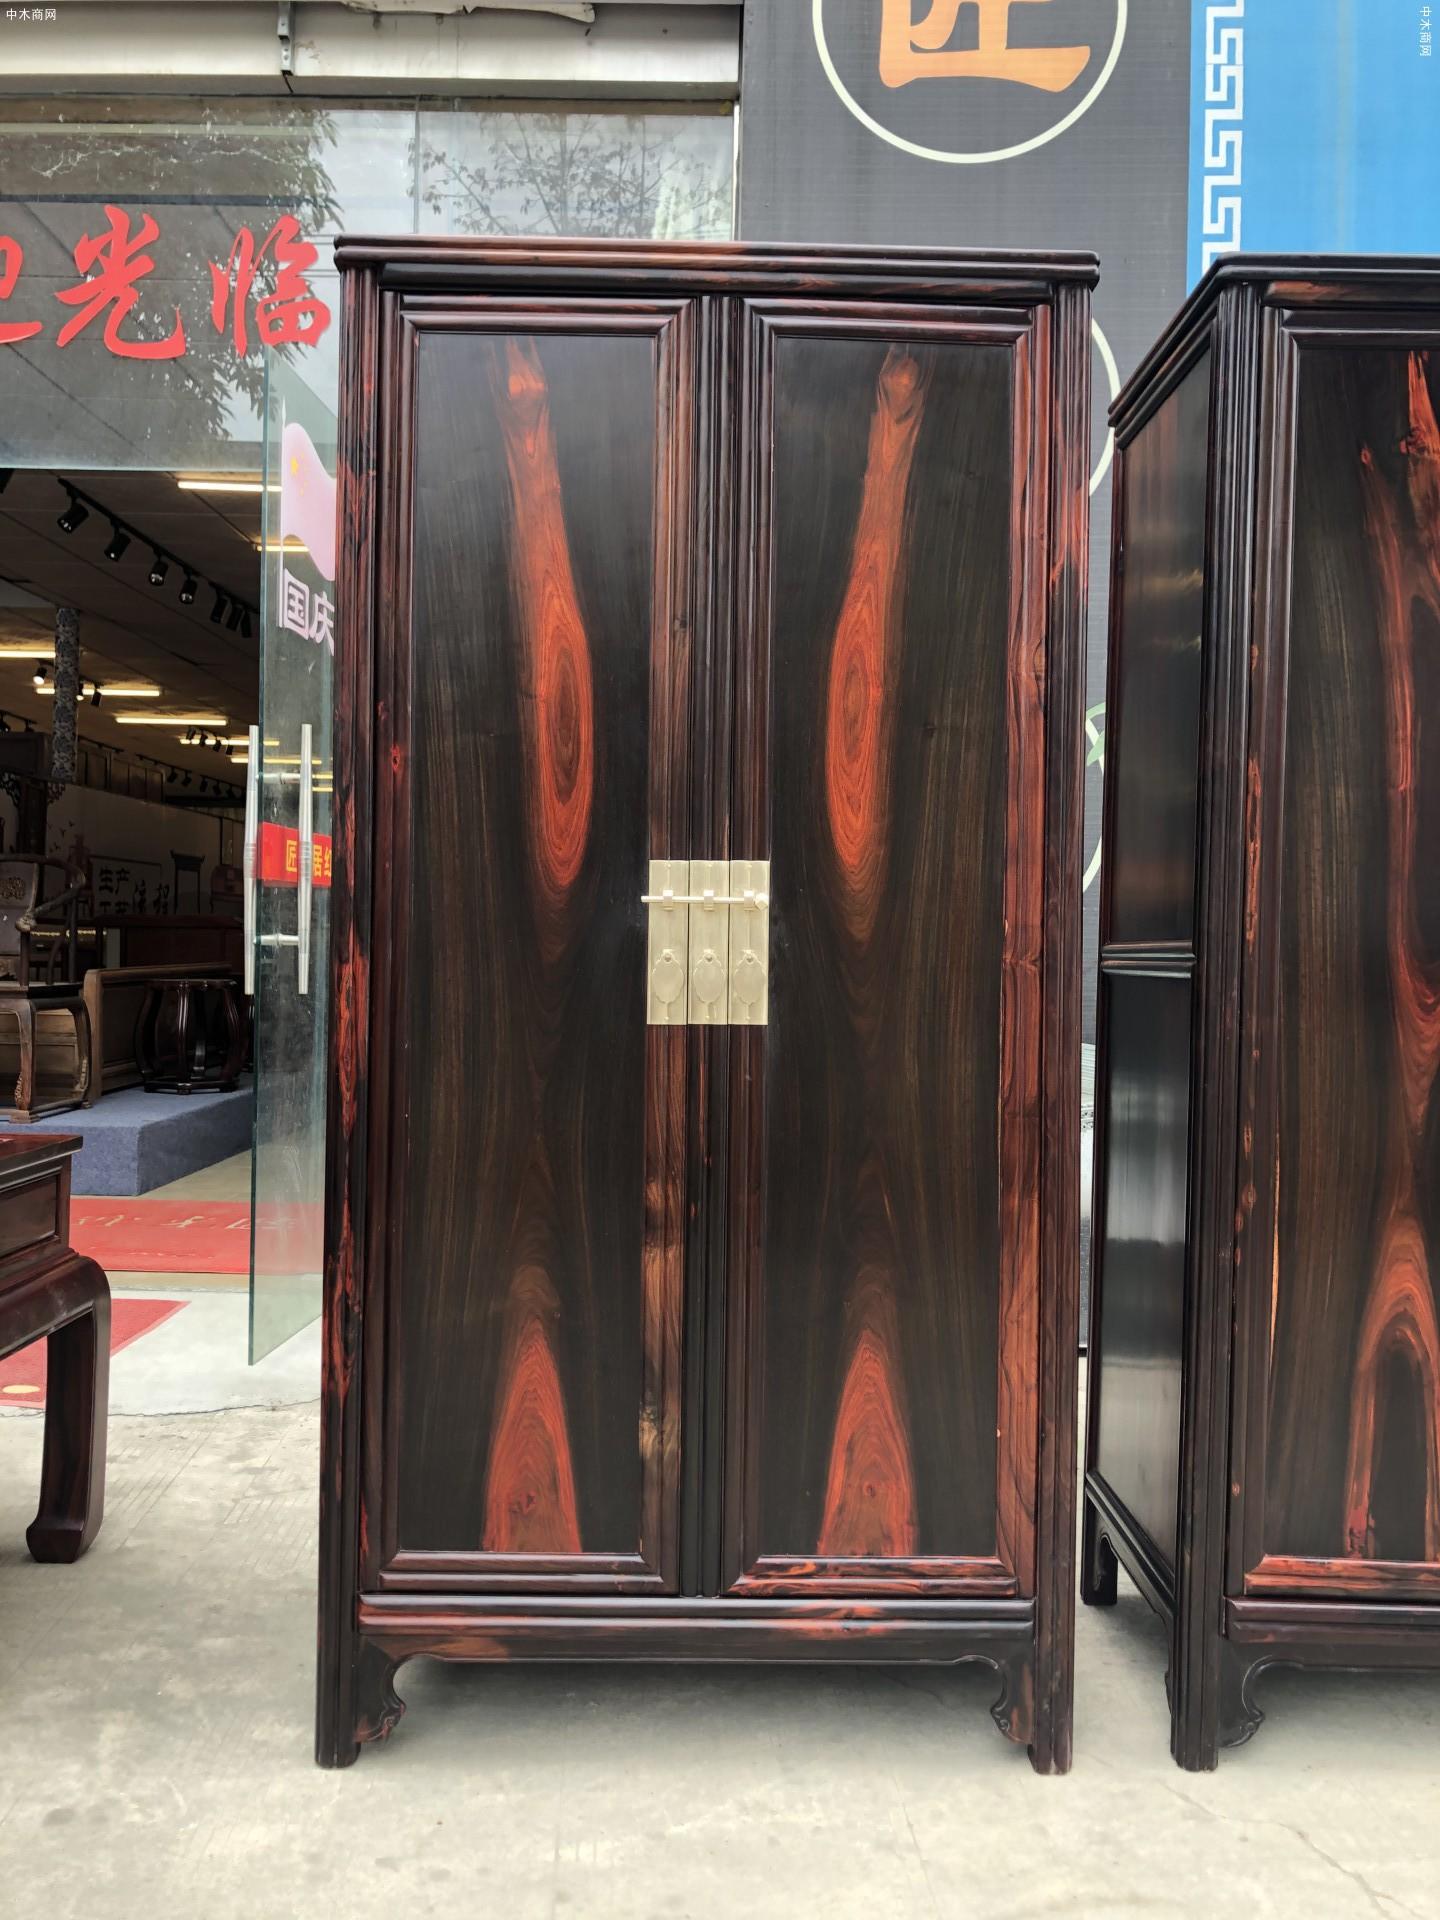 什么是交趾黄檀衣柜古典家具品牌